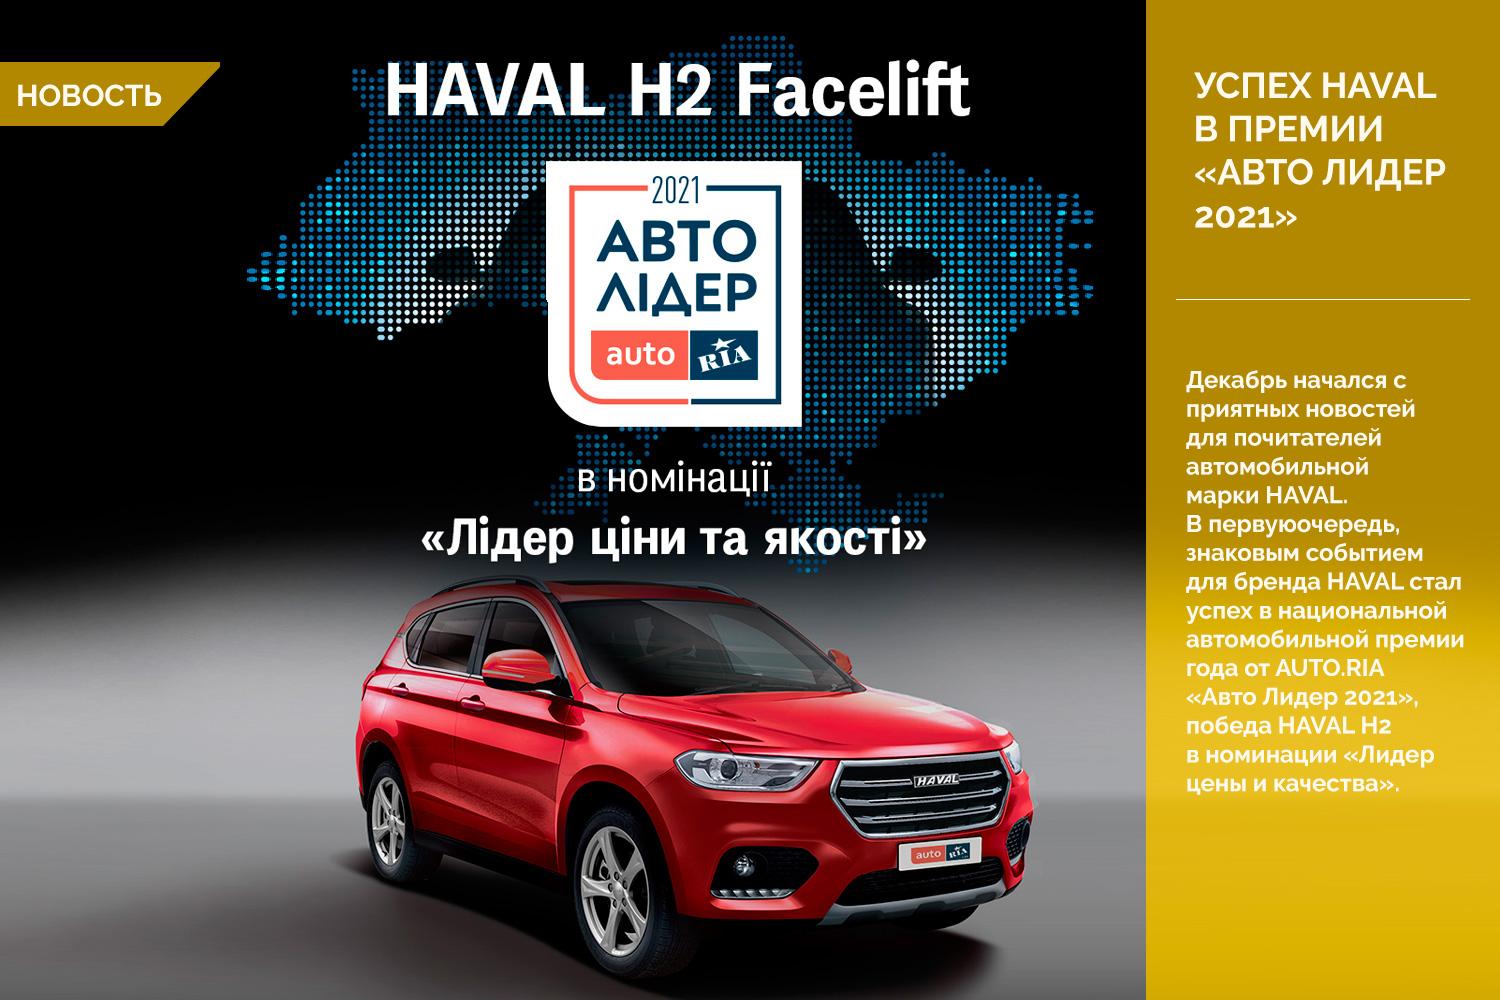 Успех HAVAL в премии «Авто Лидер 2021»: Н2 победил в номинации «Лидер цены и качества»